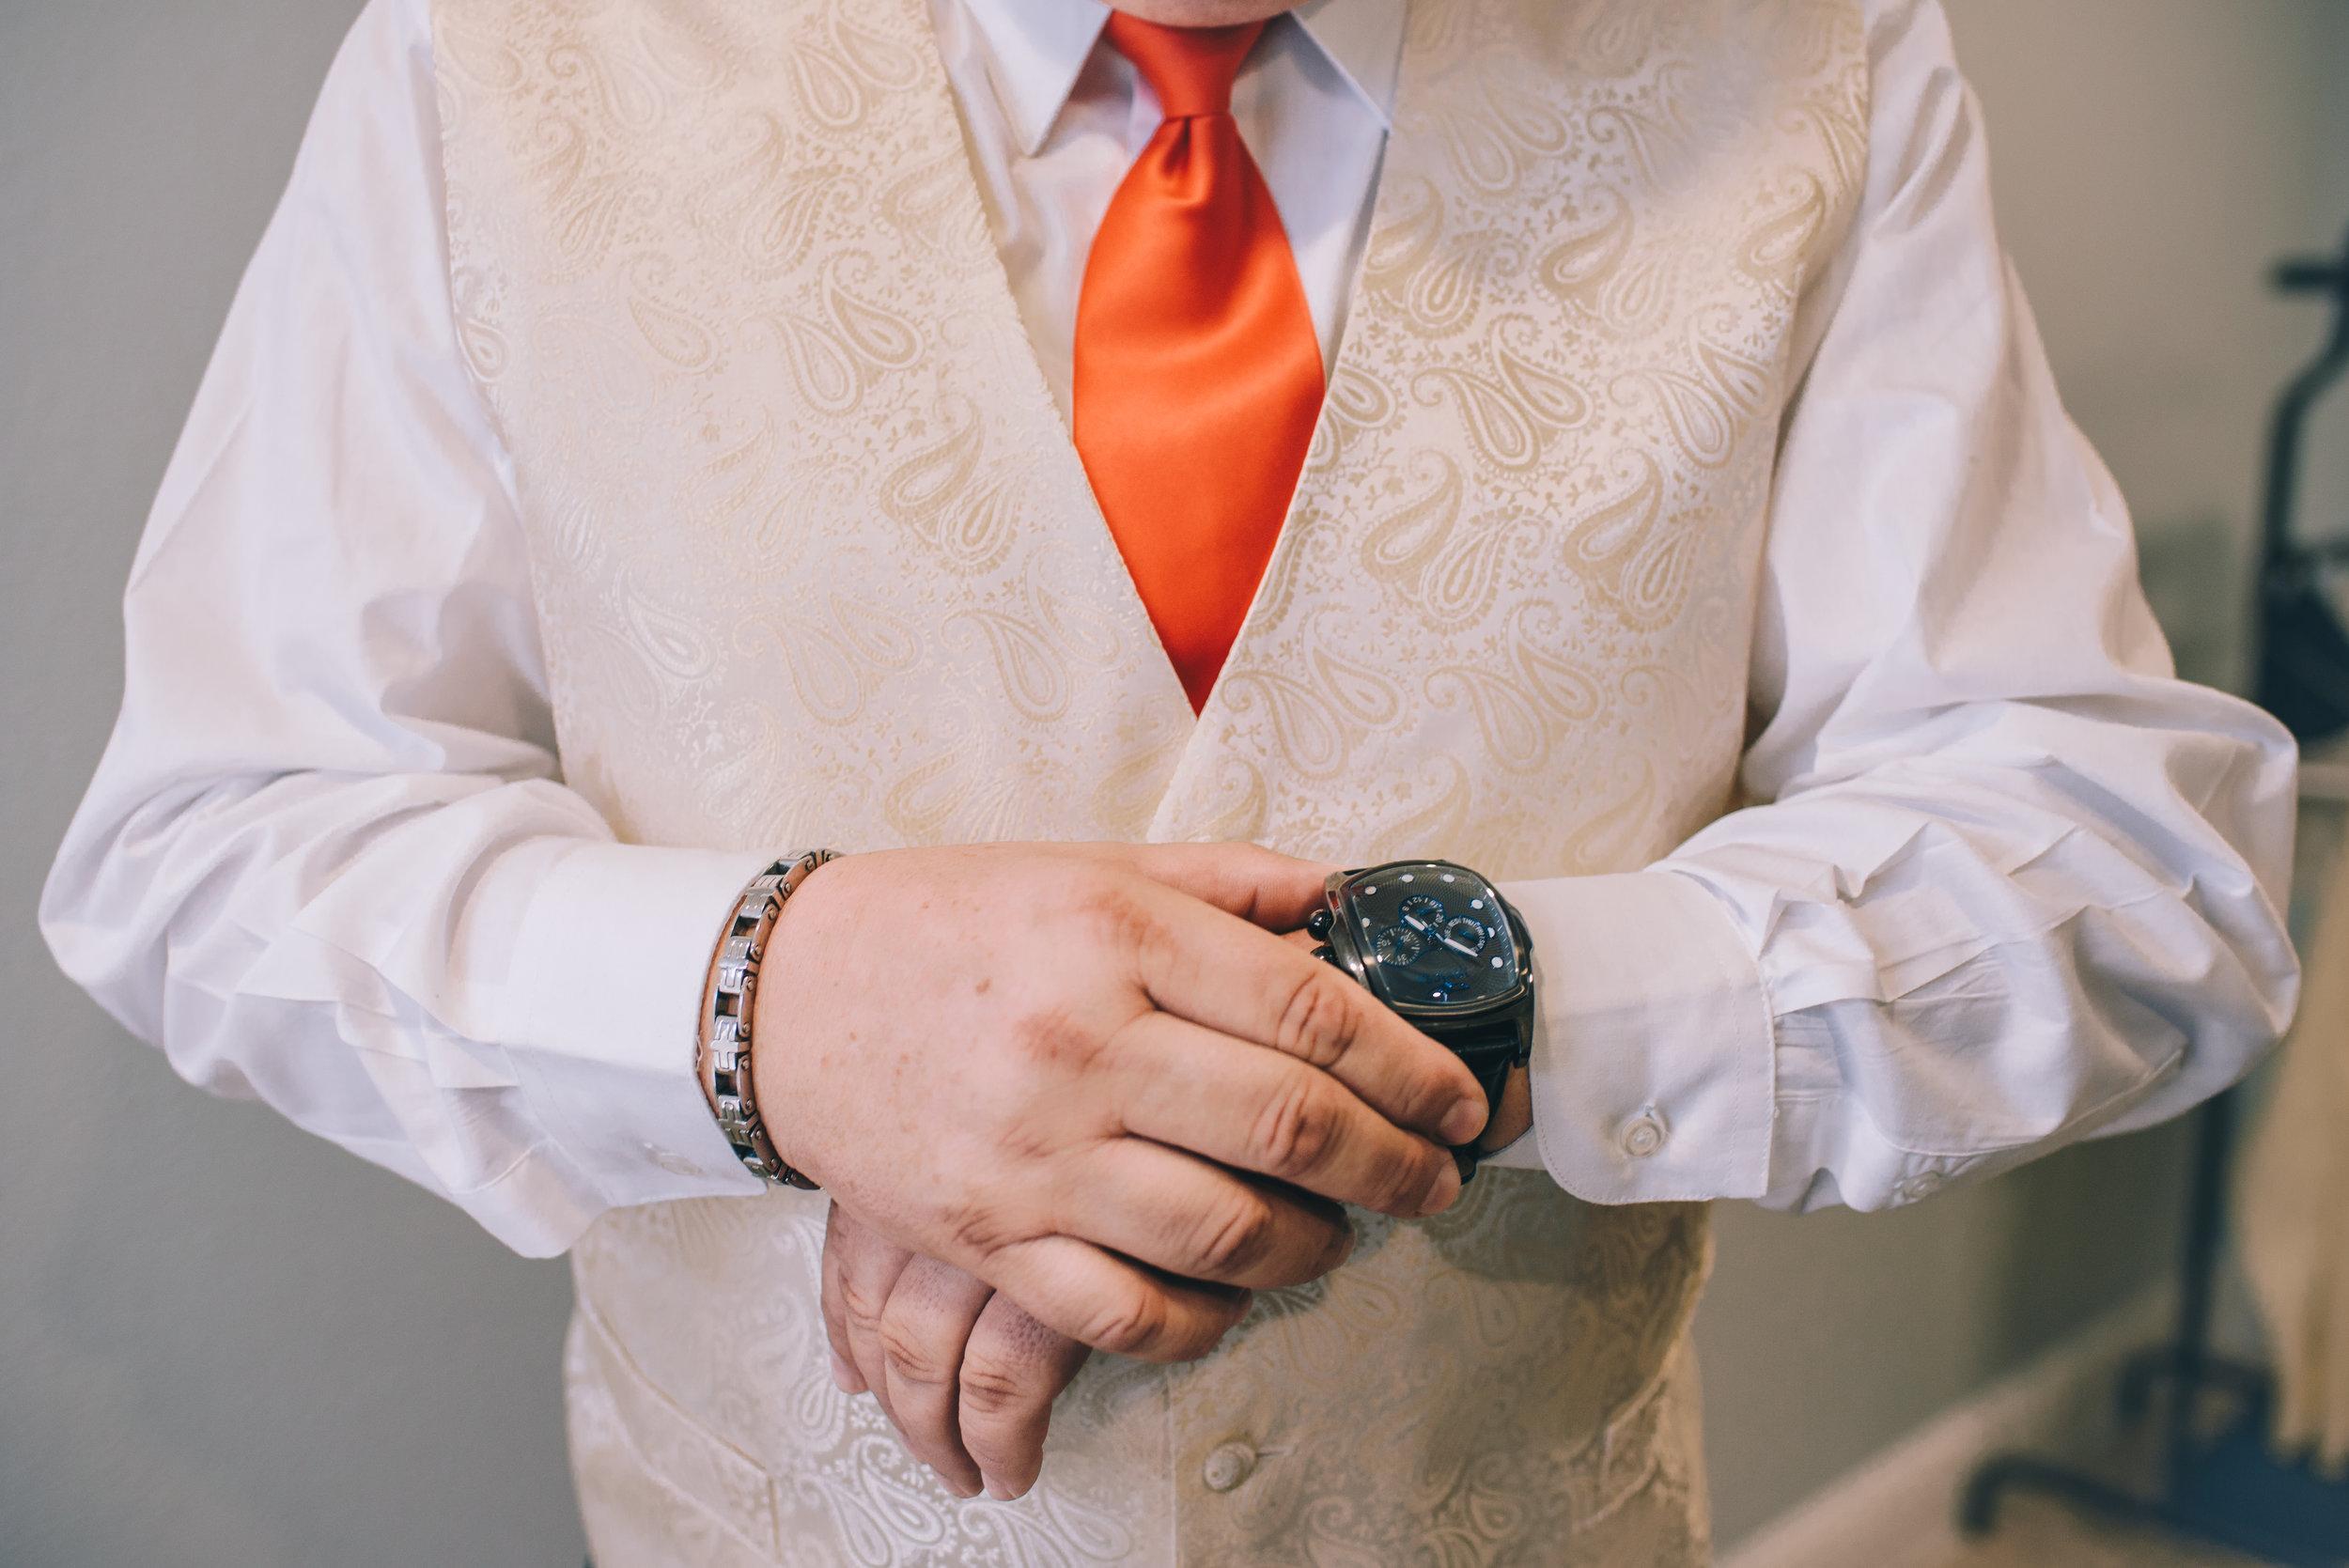 Los-Vargas-Photo-Wedding-Vow-Renewal-Central-Florida-50.jpg